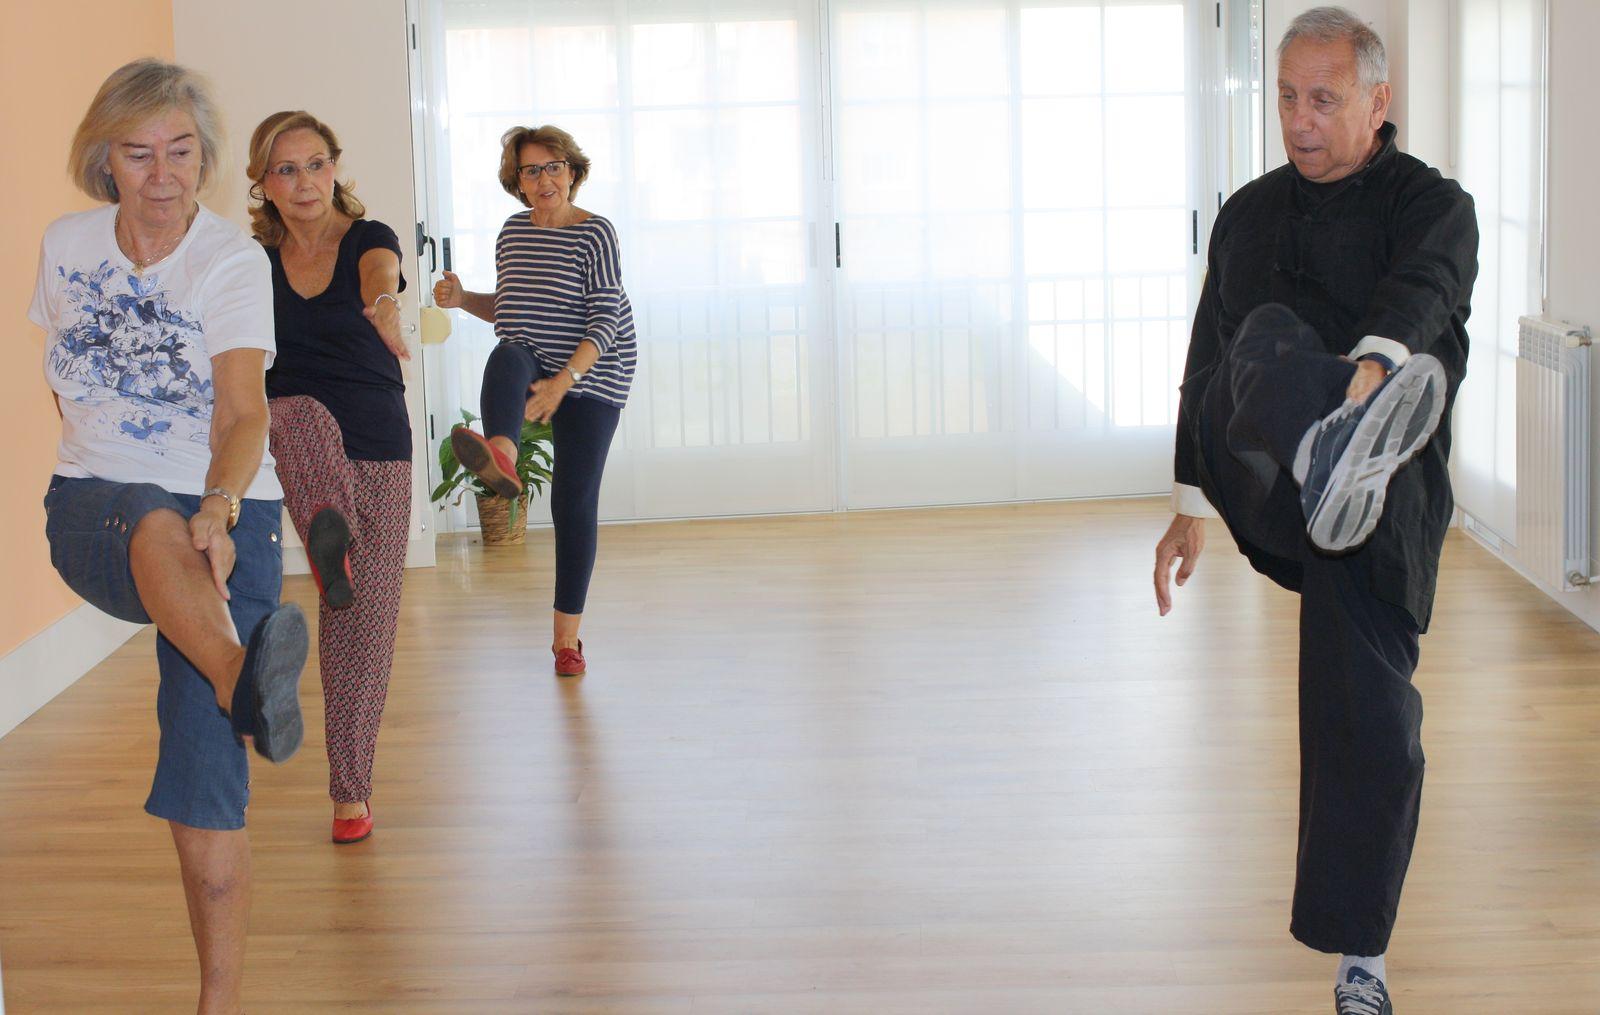 Tai Chi - Kung Fu gimnasia oriental pilates terapeutico Terapia Ocupacional, Psicología Clínica, terapias holísticas, osteopatía, psicología clínica, fisioterapia, Instituto de Técnicas Holísticas en Majadahonda